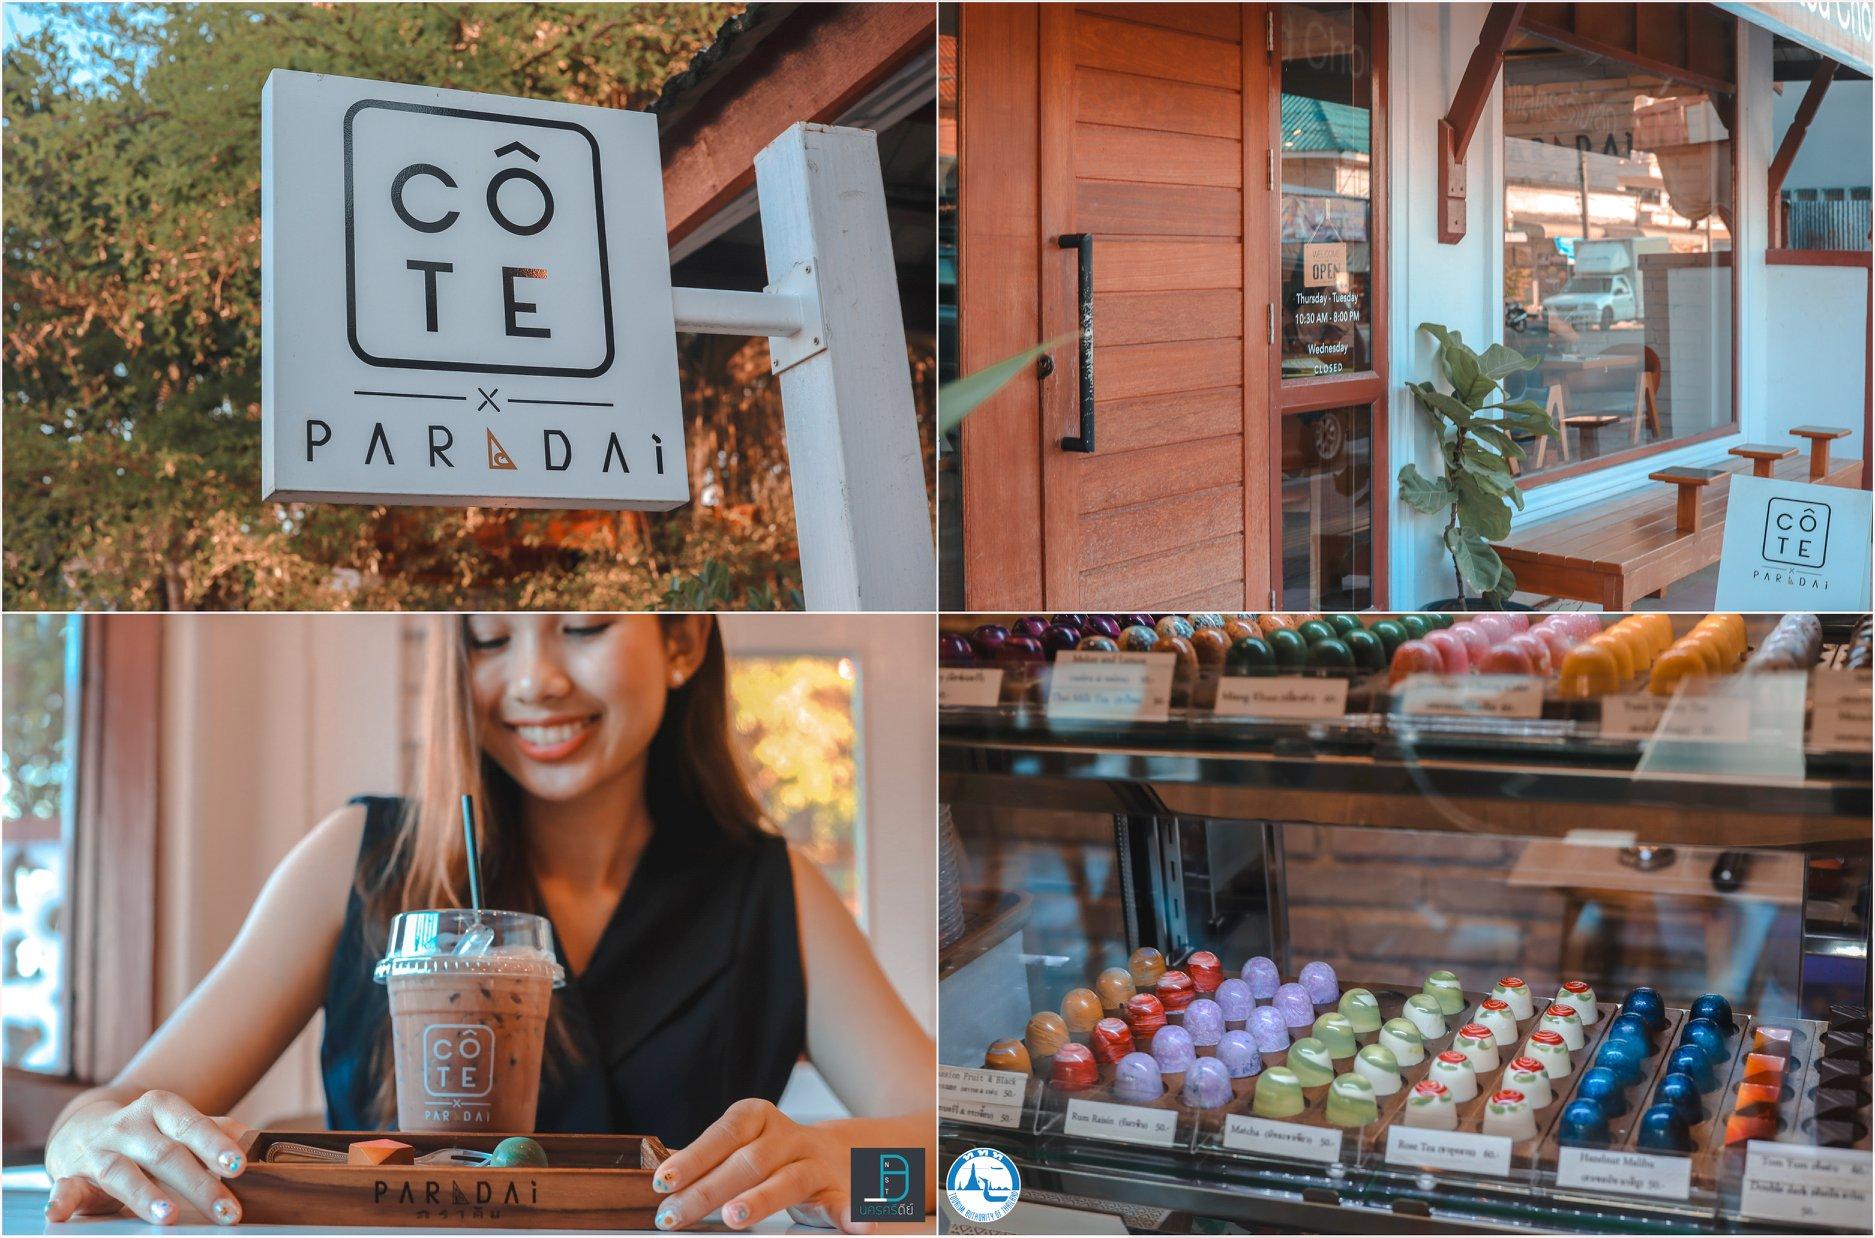 22.-Cote-X-Paradai-จุดเช็คอินสุดท้ายเป็นร้านกาแฟ-คาเฟ่ชิคๆ-เก๋ๆ-ที่ช็อกโกแลตเข้มเด็ดดด-เป็นร้านที่ใช้ช็อกโกแลตจาก-Paradai-ซึ่งหลายๆคนก็คุ้นชื่อกันเลยใช่มั้ยครับ-เป็นโกโก้ของชาวจังหวัดนครศรีธรรมราชที่ได้รางวัลระดับโลกมาเลยนะเออ-ต้องไปลองนะครับ-ร้านนี้ตั้งอยู่ในเมือง-แถวๆวัดท้าวโคตร-เปิดบริการ-10.30---20.00-ครับ นครศรีธรรมราช,จุดเช็คอิน,ที่ท่องเที่ยว,ของกิน,โกโก้,TAT,การท่องเที่ยวแห่งประเทศไทย